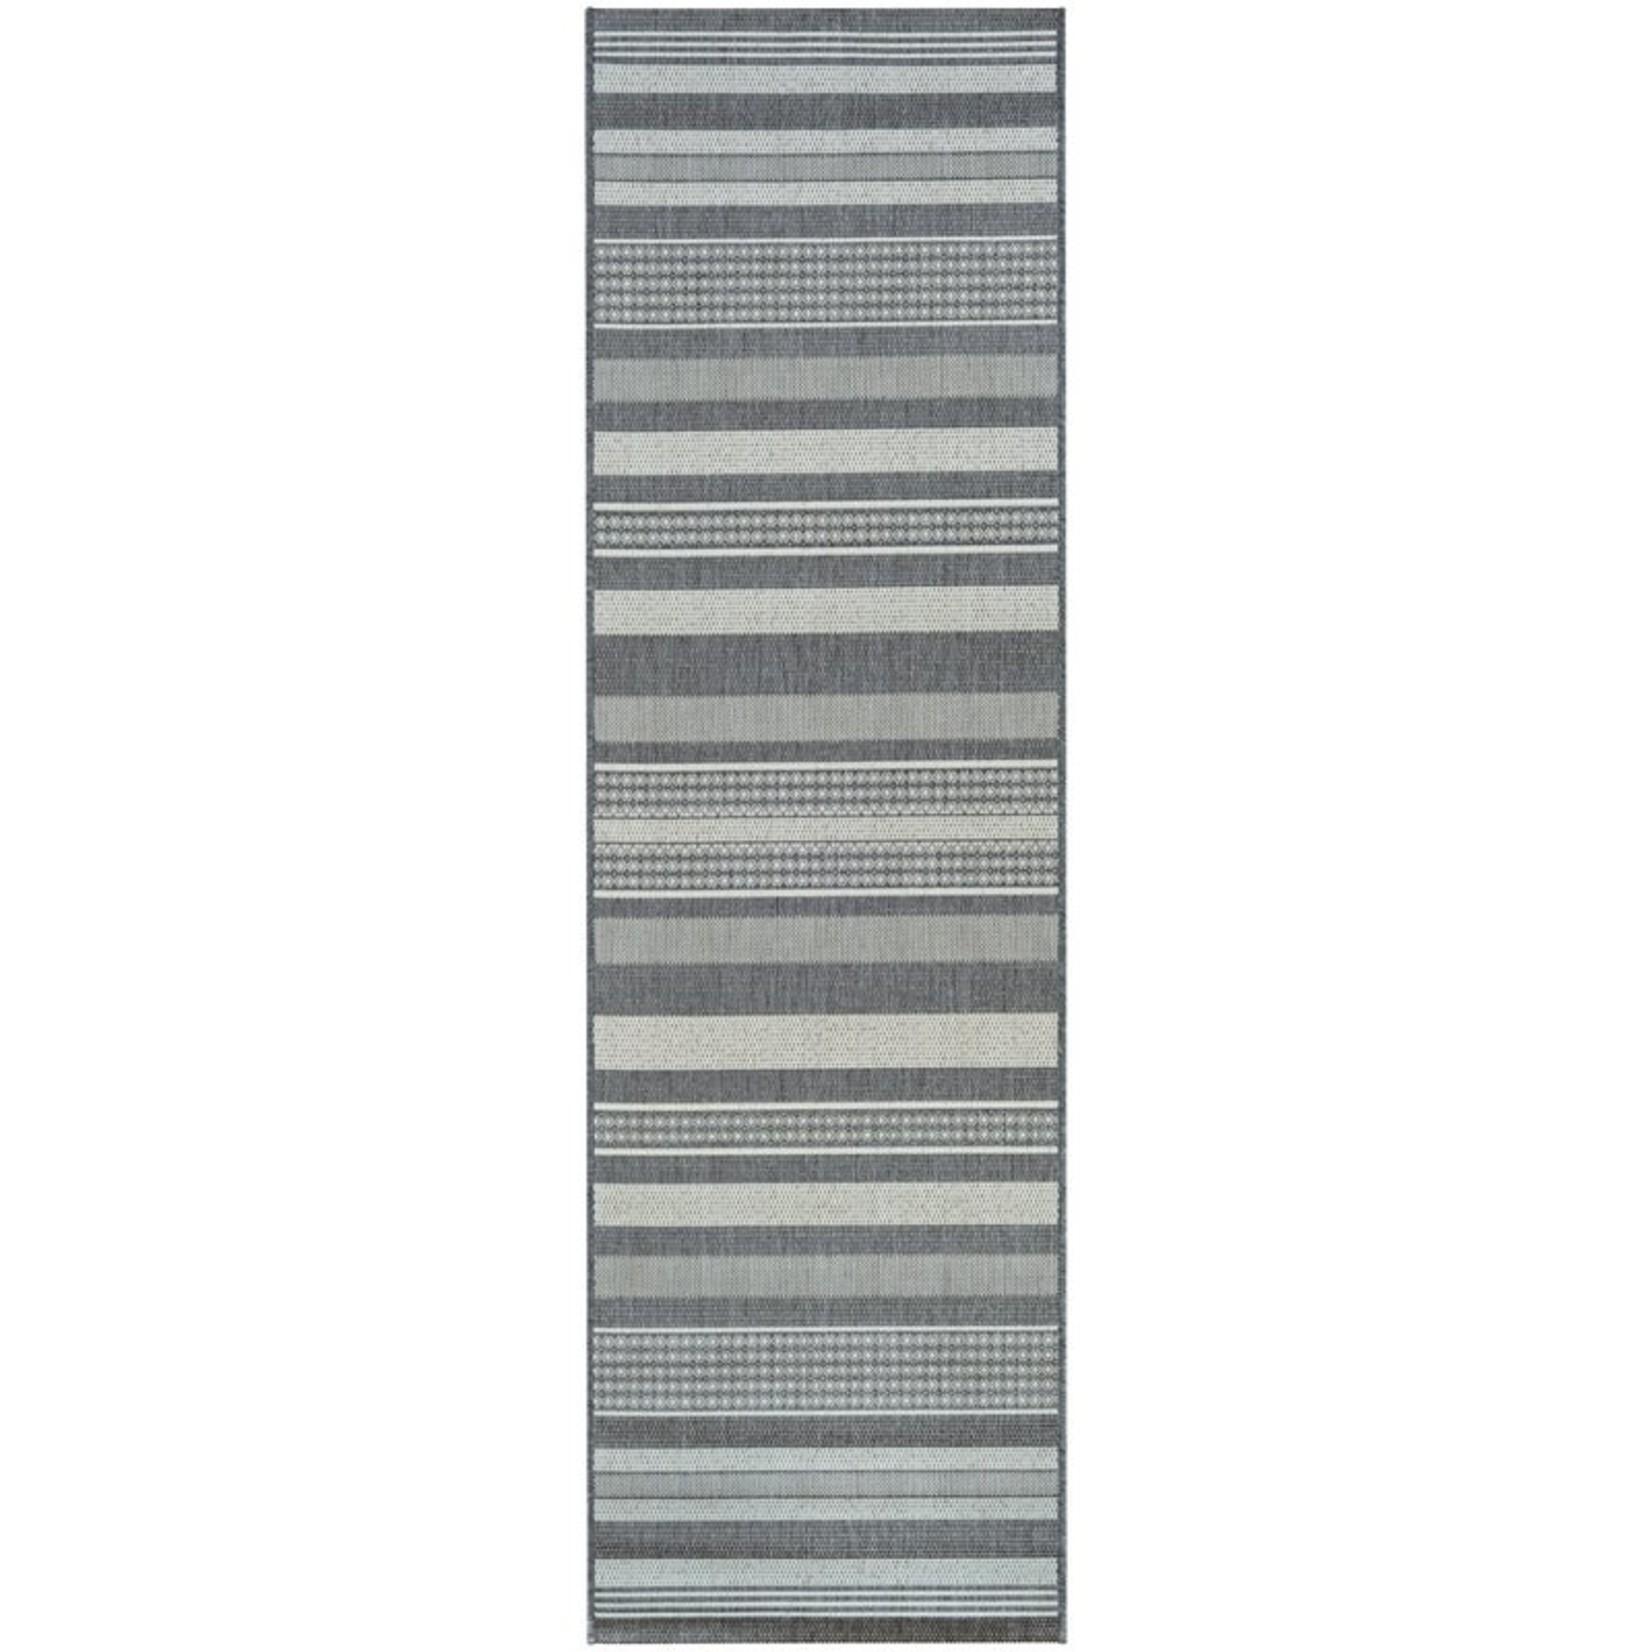 *2'3 x 7'10 -  Anguila Striped Gray Area Rug